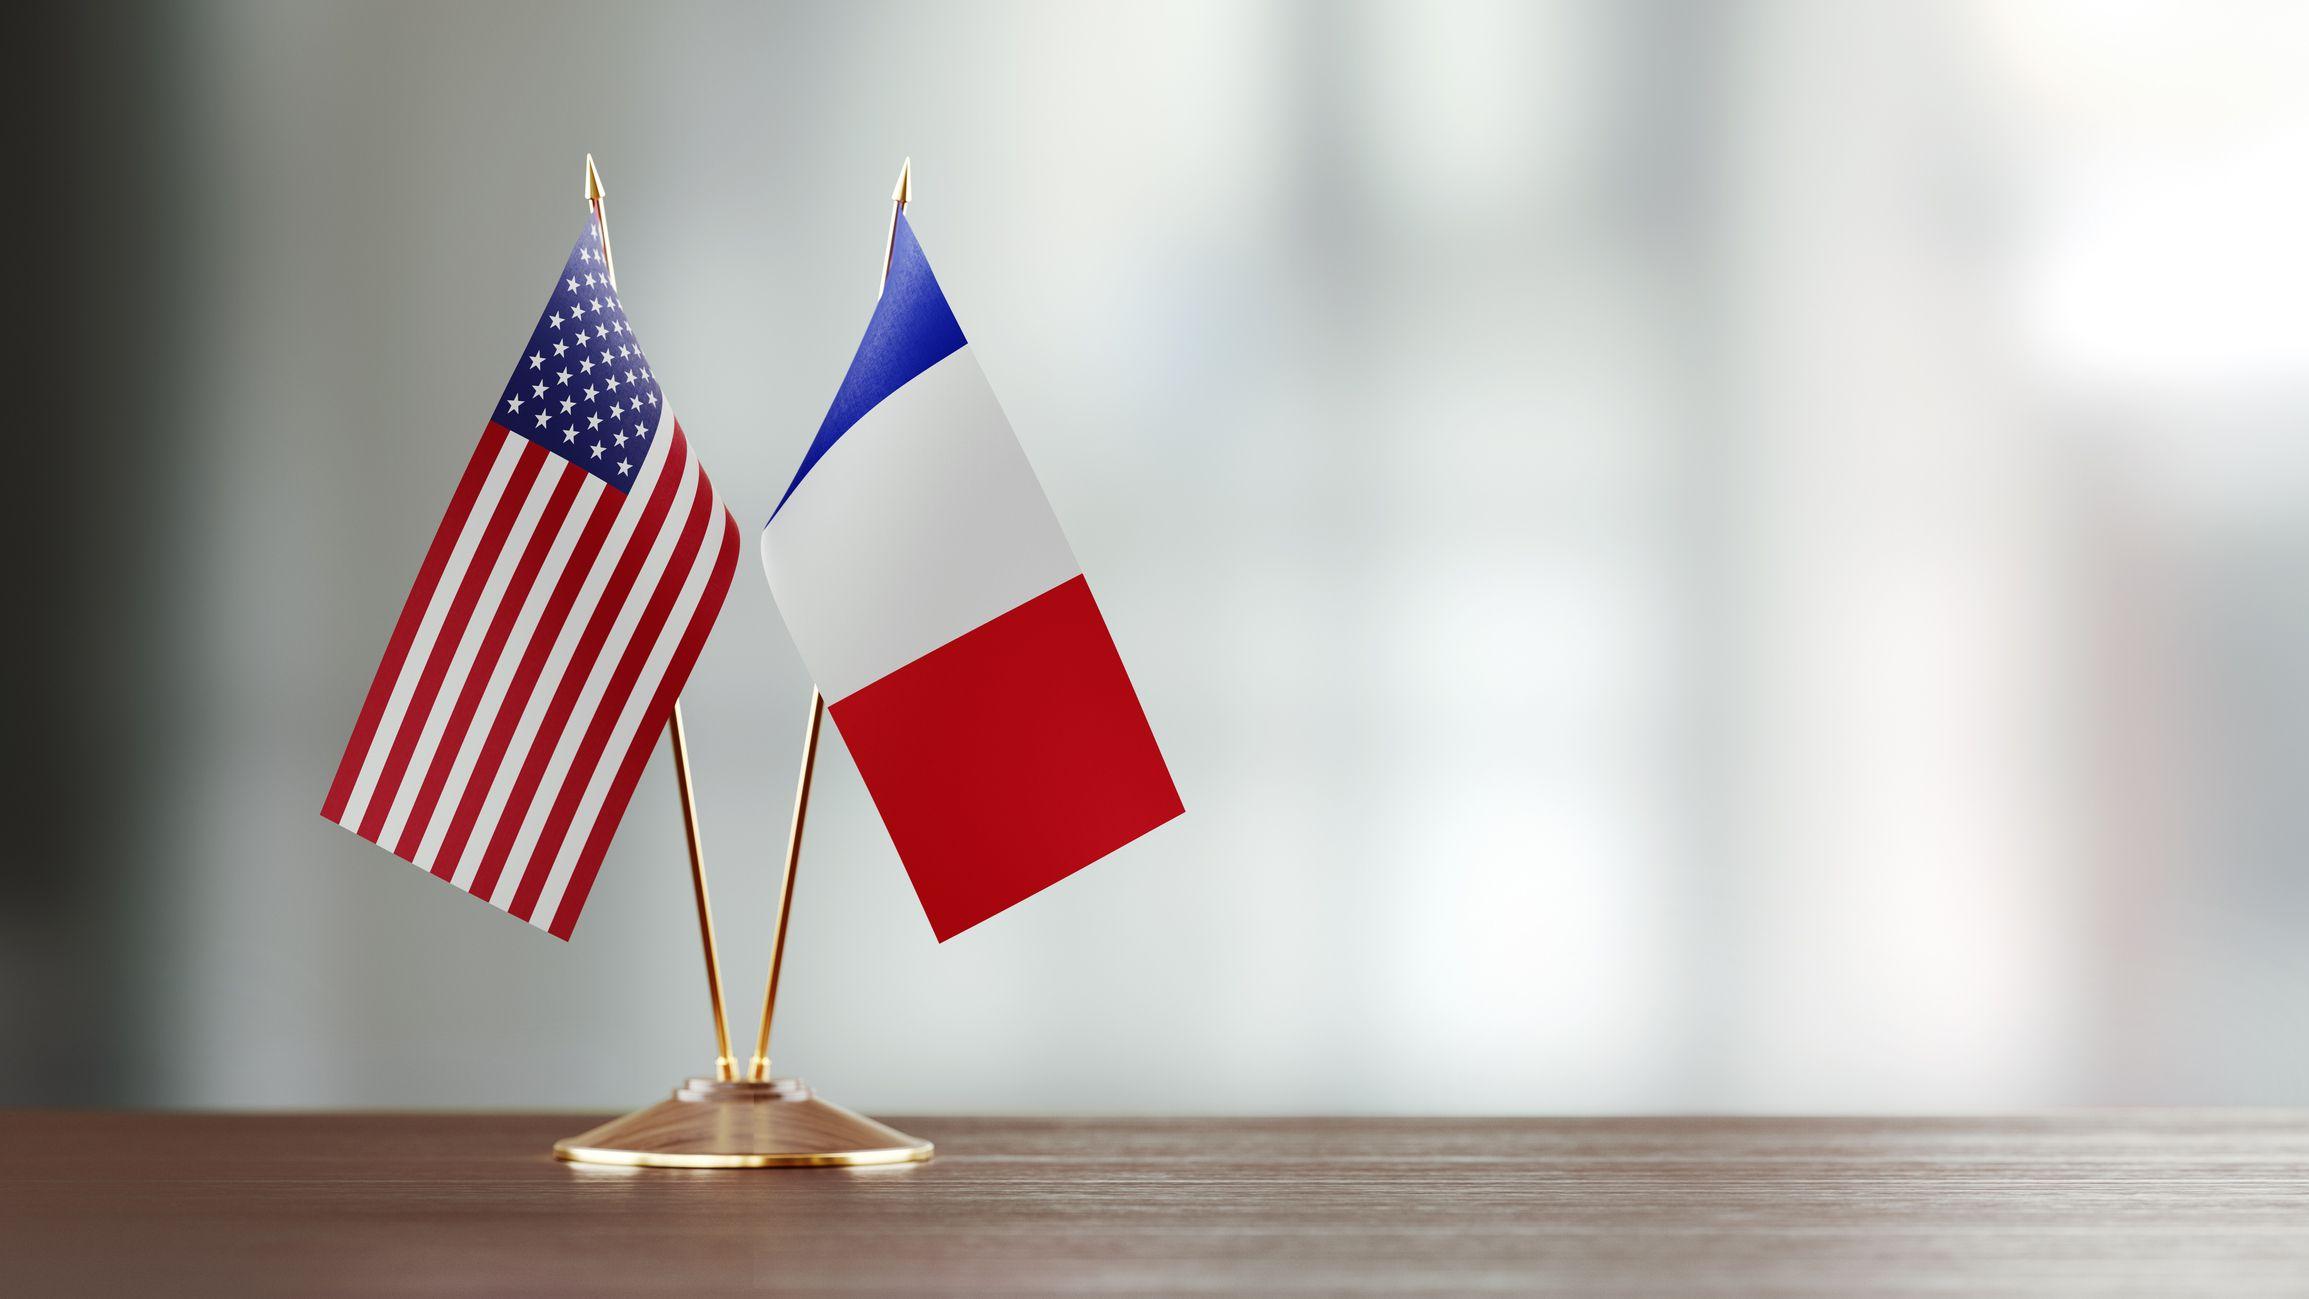 فرنسا تستدعي سفيرها في امريكا بسبب صفقة أسلحة